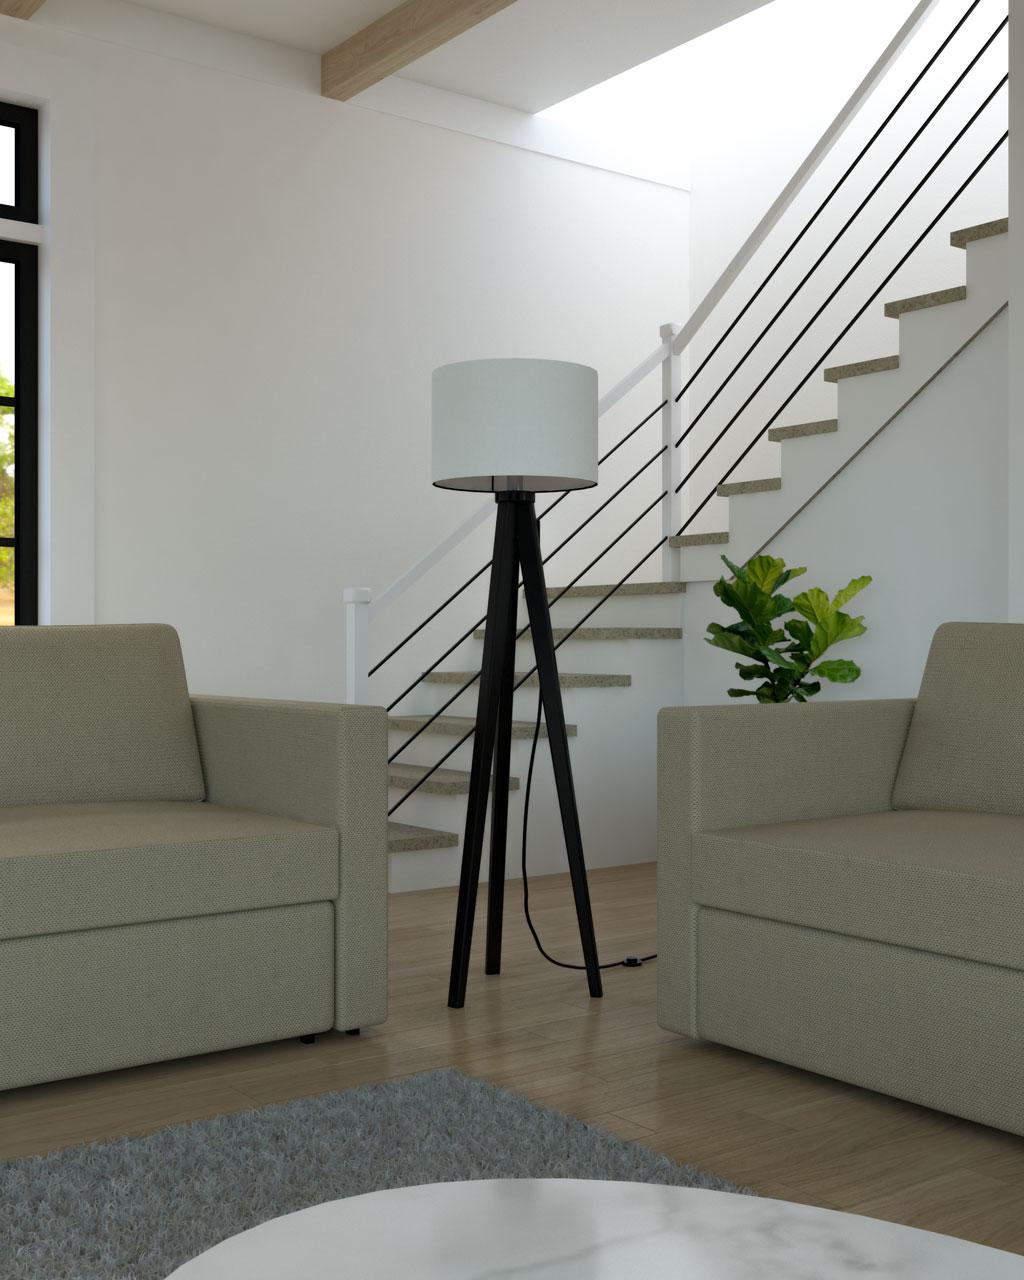 Floor lamp between sofas